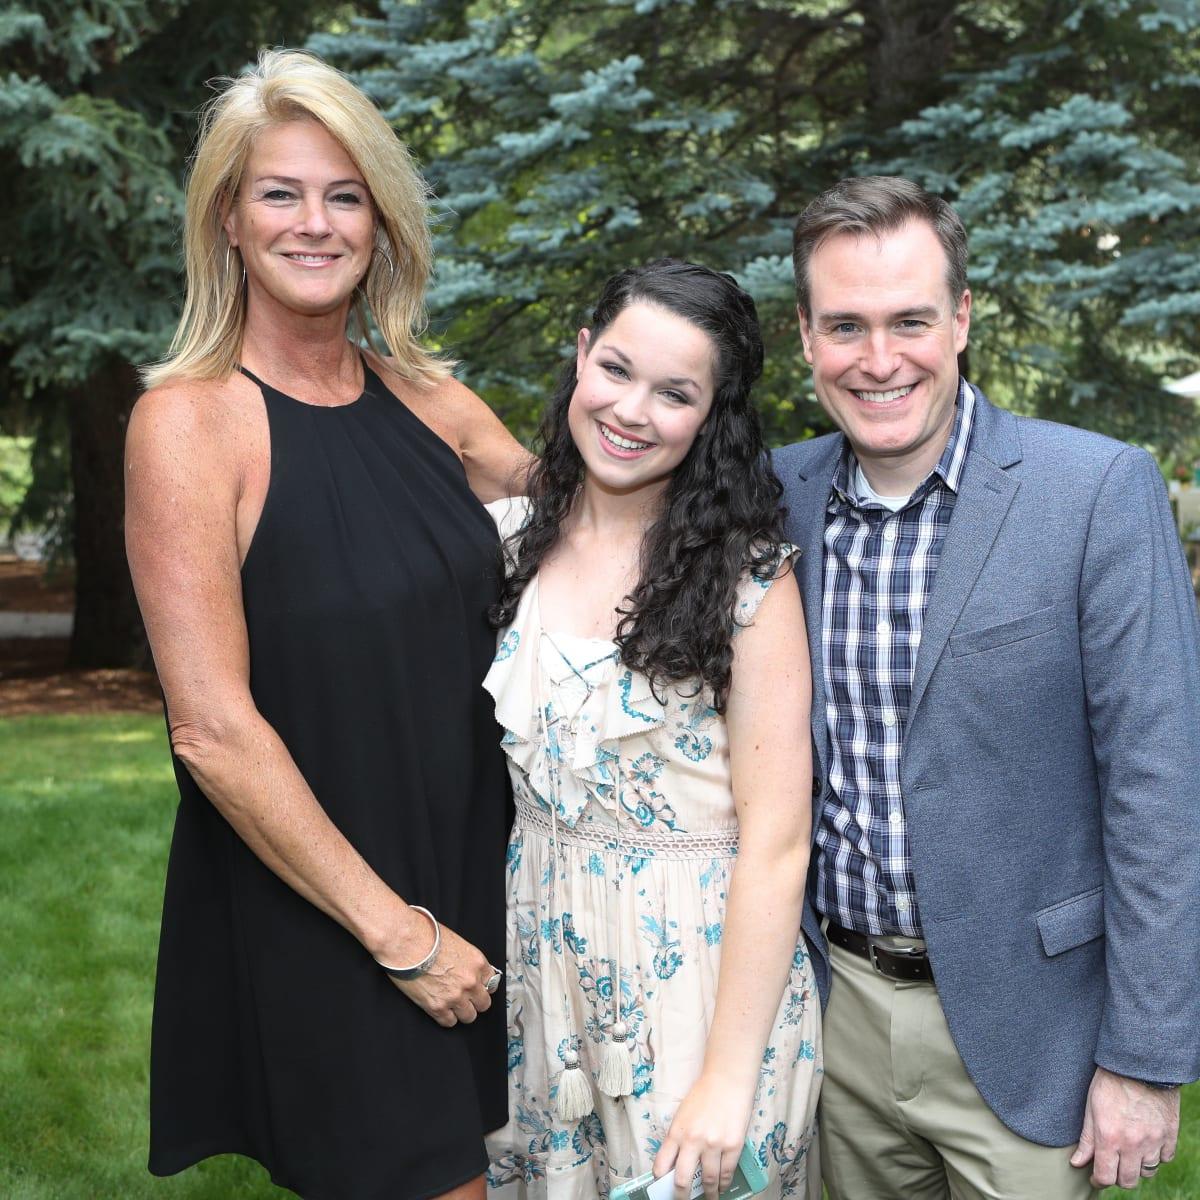 Kelly Hicks, Regan Hicks, Tadd Pullin at Hines MD Anderson Aspen